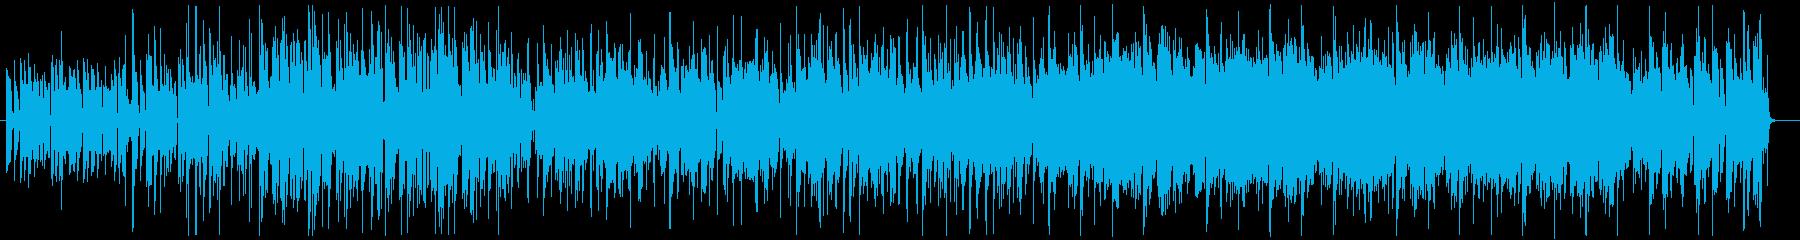 ファンキー・ダンサブル・ウキウキなR&Bの再生済みの波形